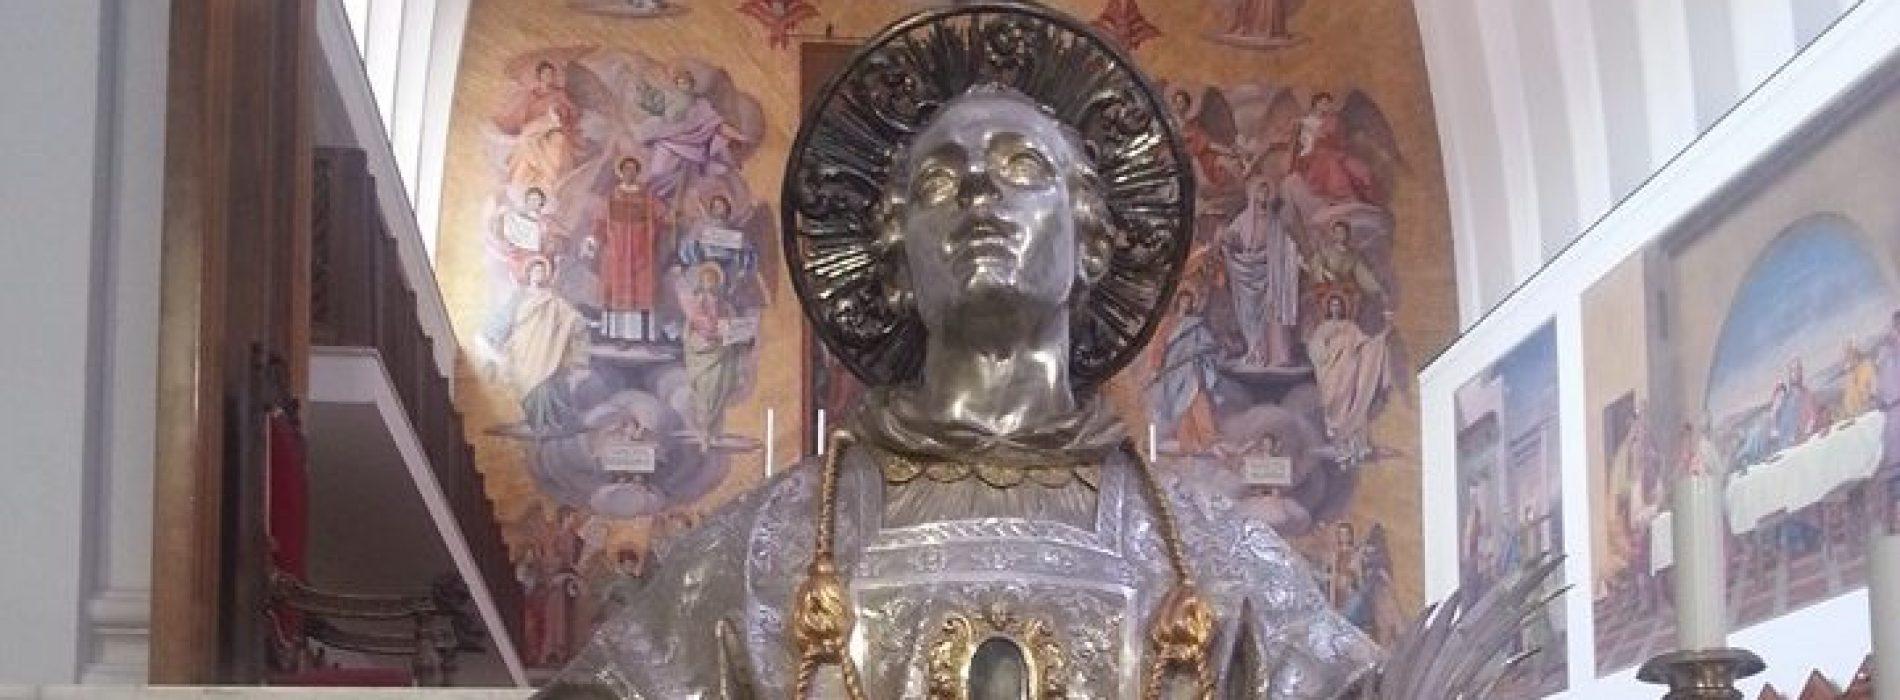 Calendari irrequieti, il 3 agosto era il giorno di Santo Stefano